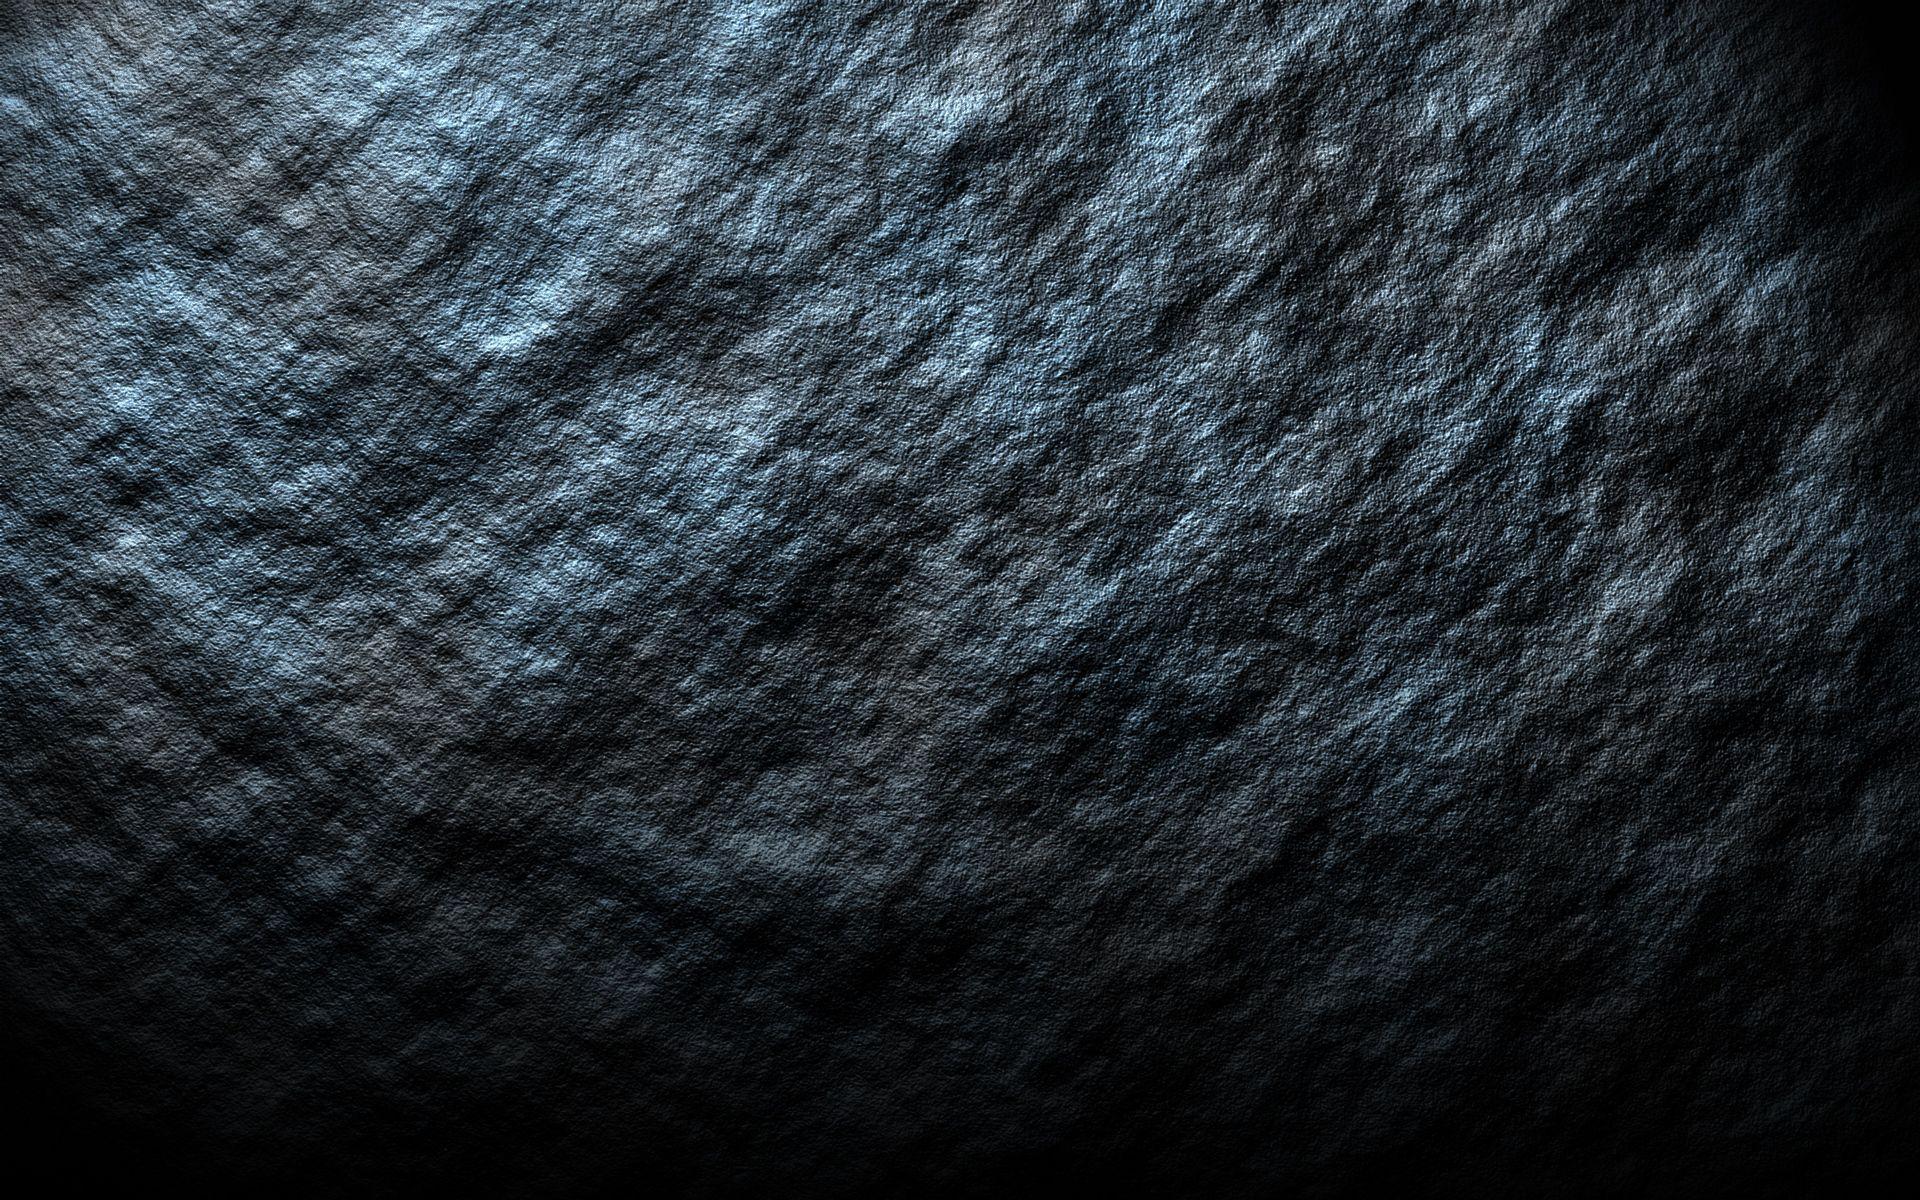 91679 скачать обои Текстуры, Поверхность, Камень, Тень, Фон, Точки - заставки и картинки бесплатно